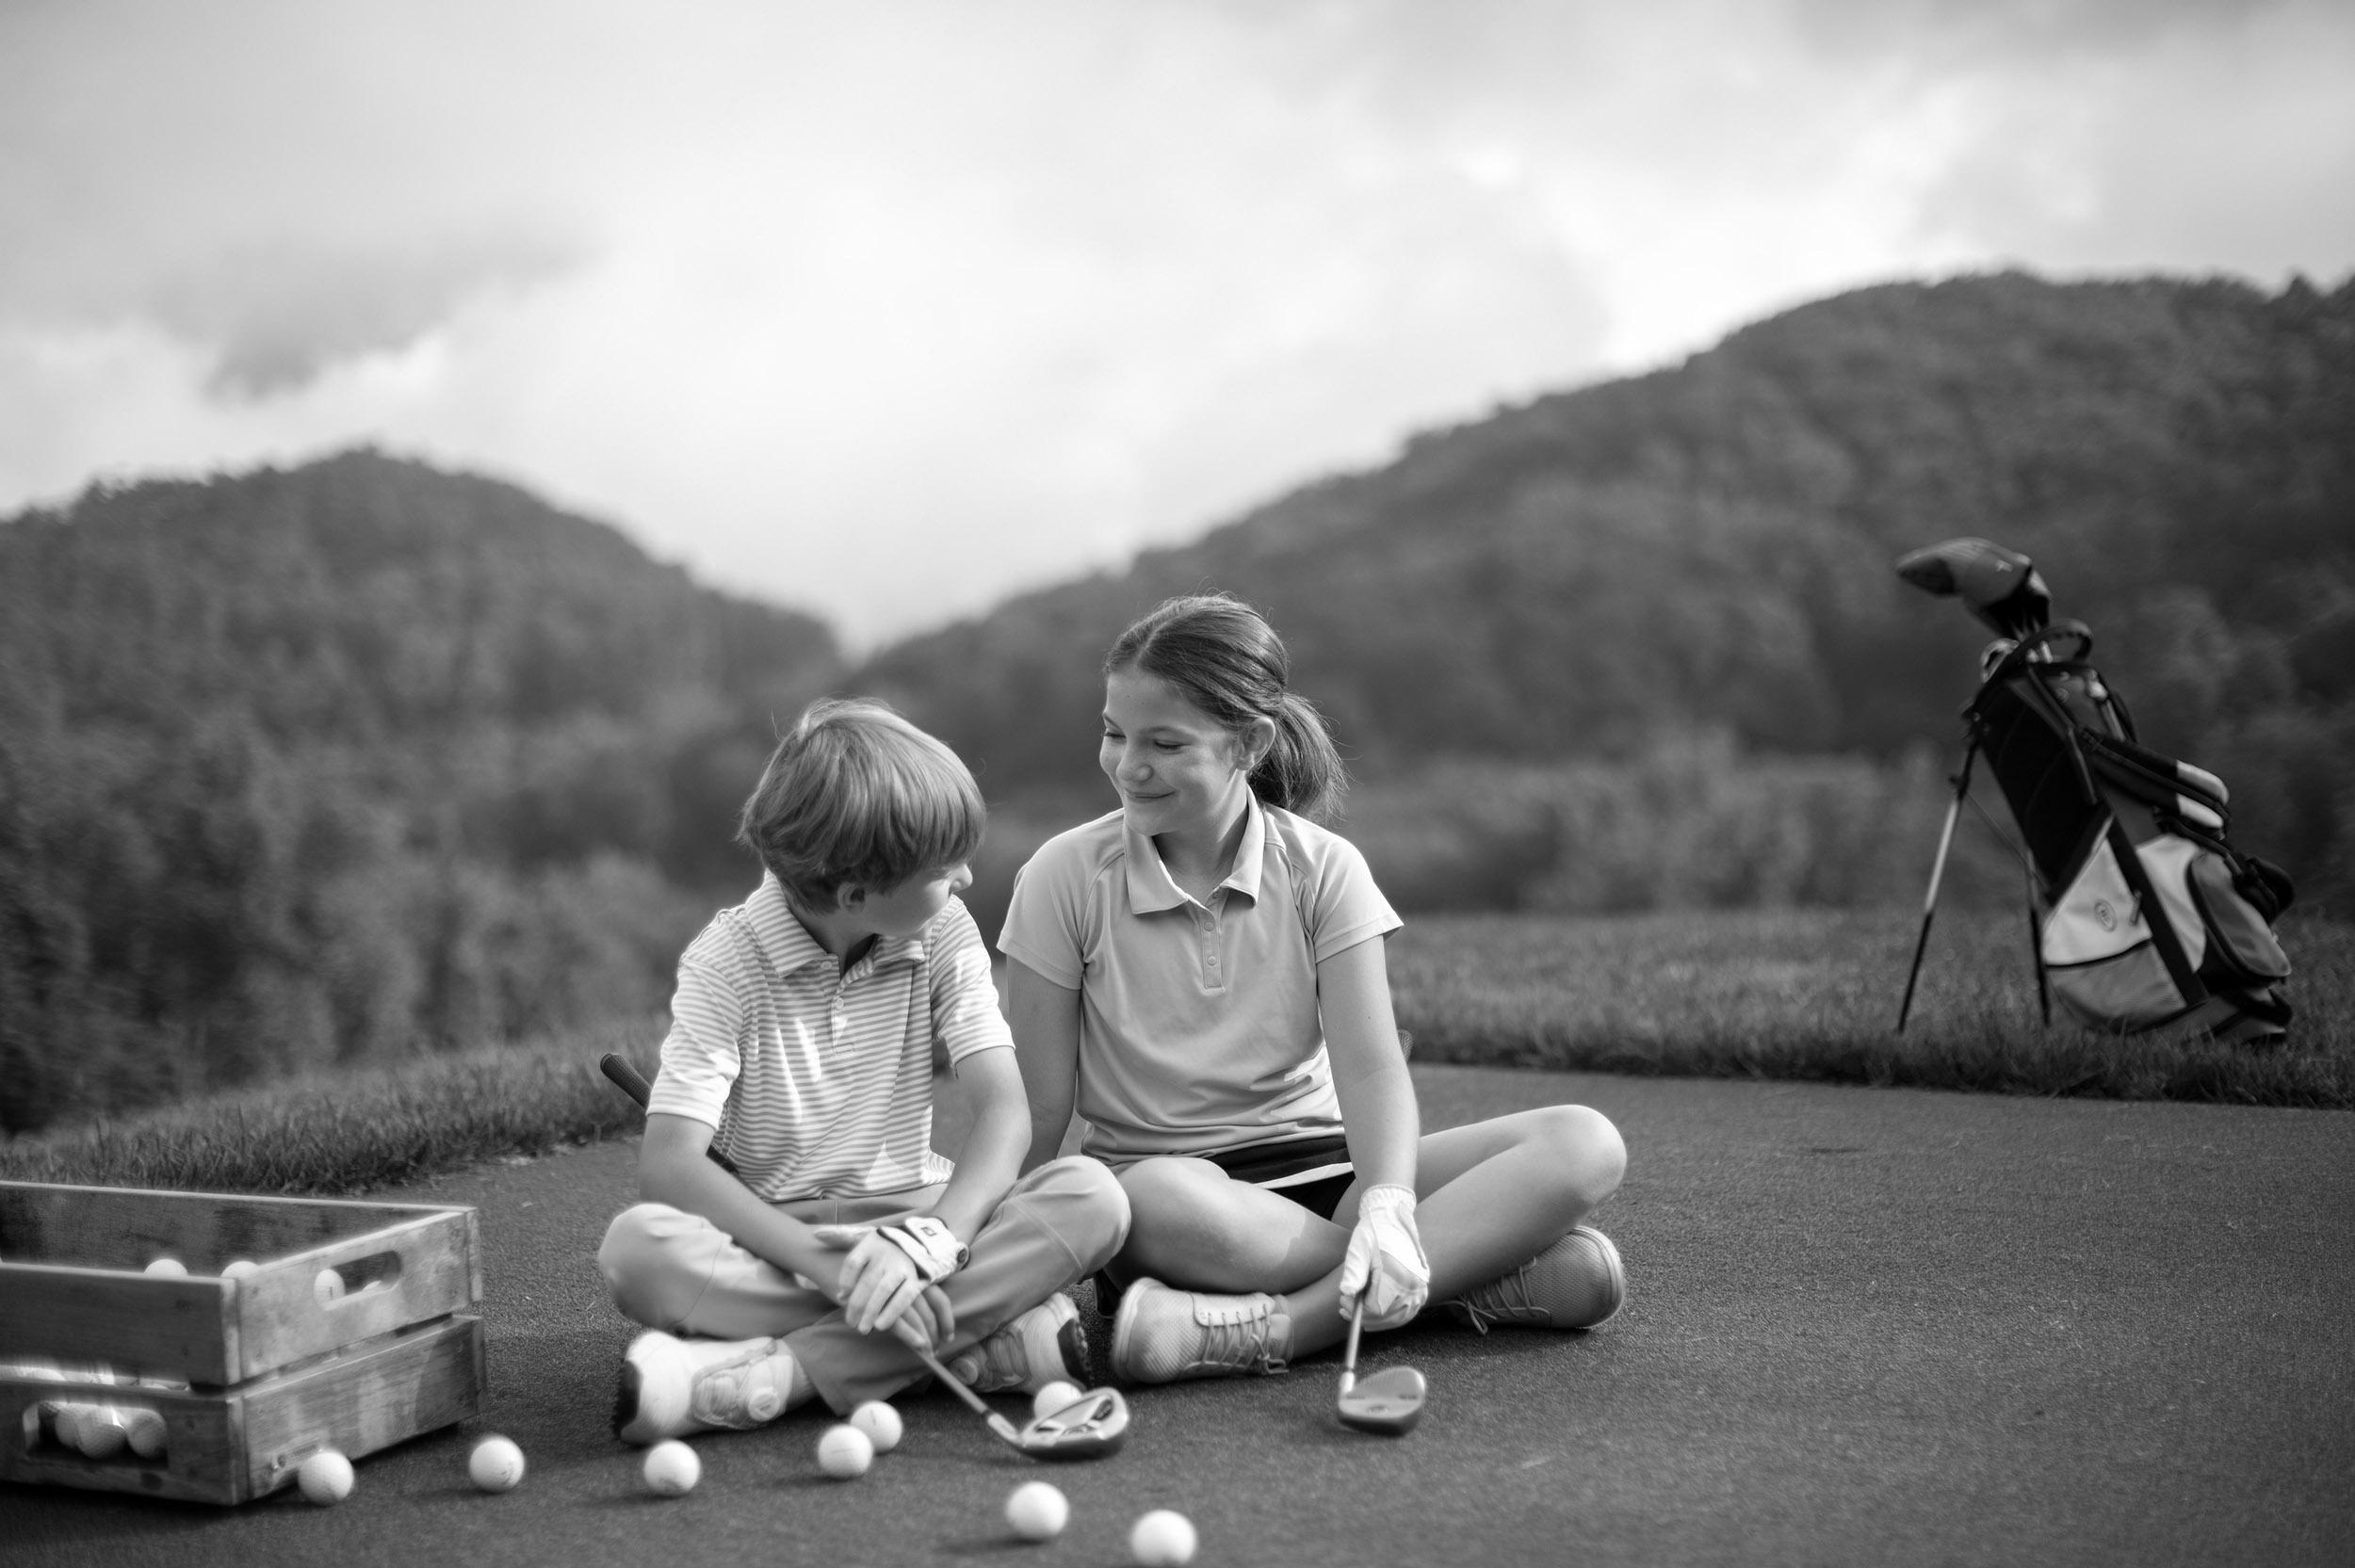 Balsam Mountain Golf Clinic